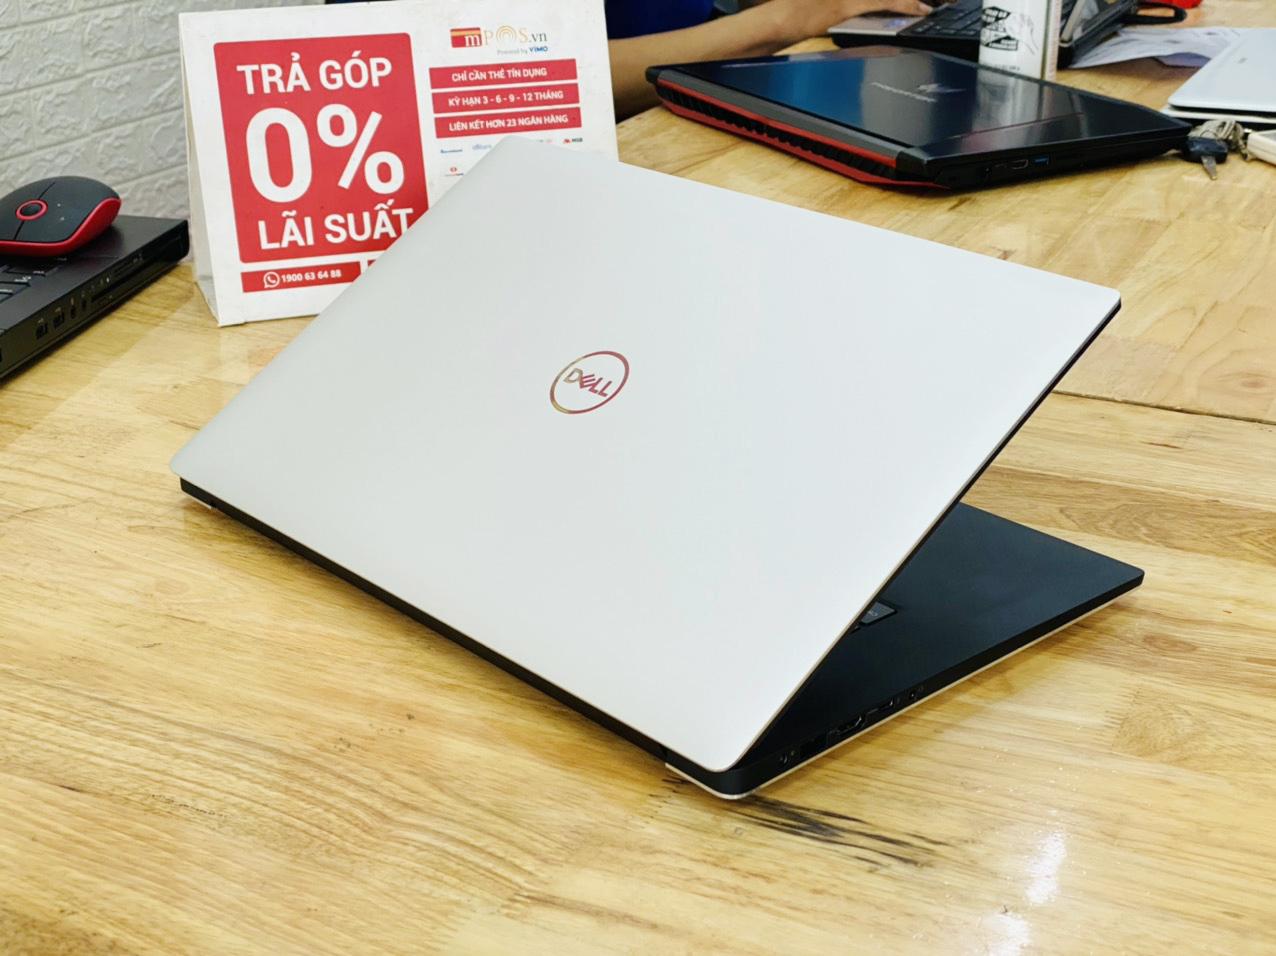 Dell Precision 5520 i7-7820HQ